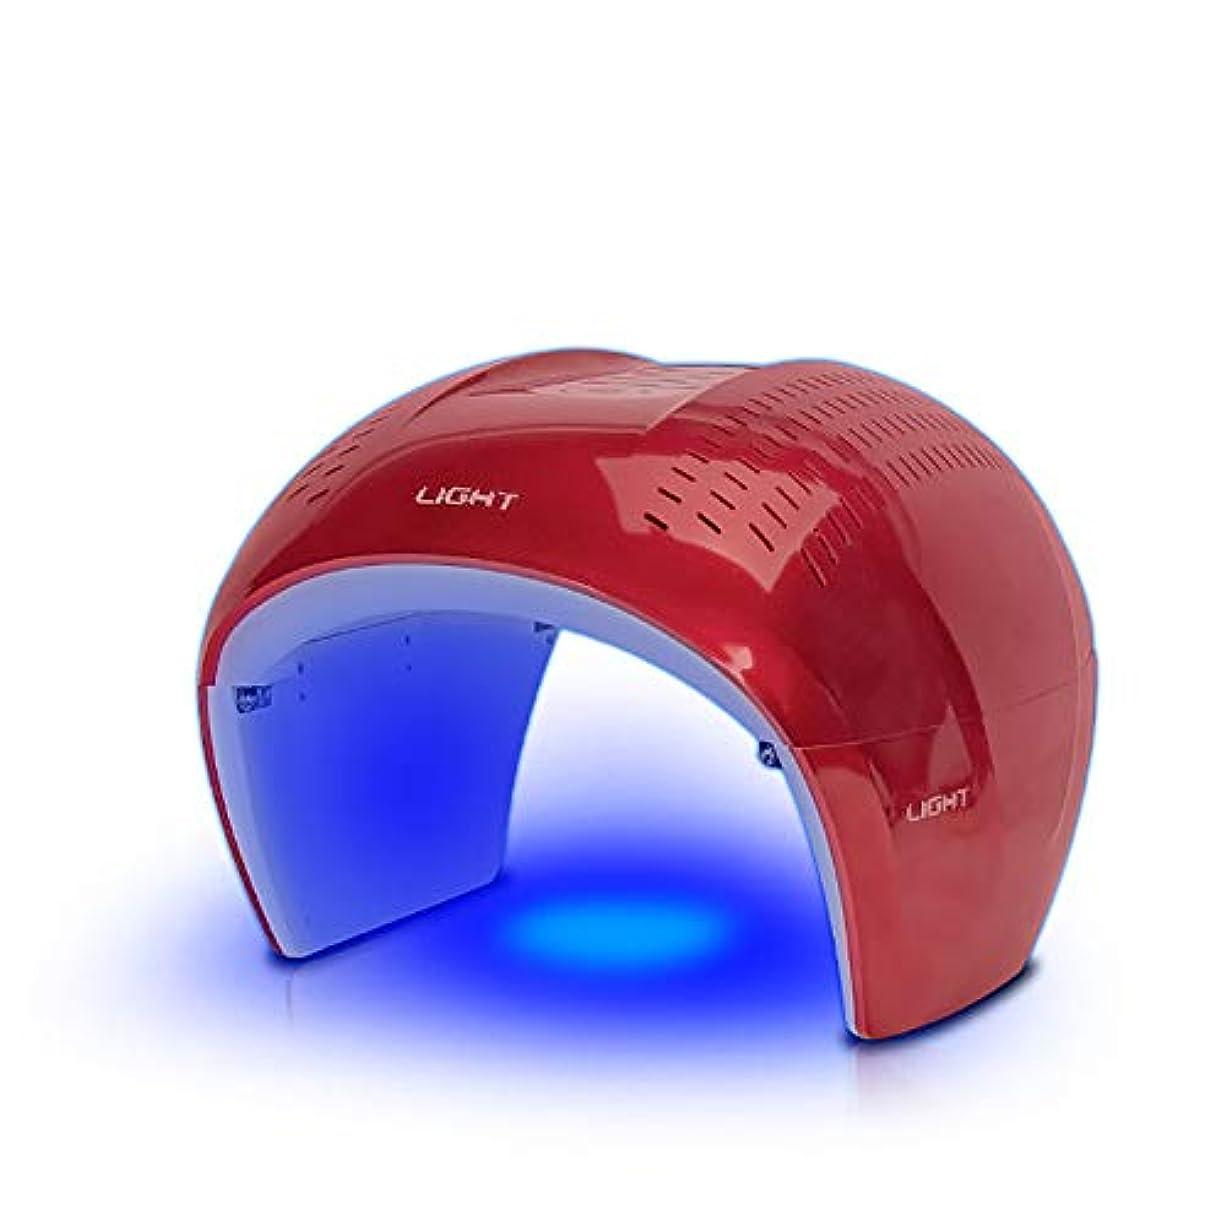 口述インカ帝国影響する7色光療法機led、光光線力学肌の若返りランプ、サロンスパアンチエイジングスキンケアデバイス、フェイシャルマスクマッサージ機